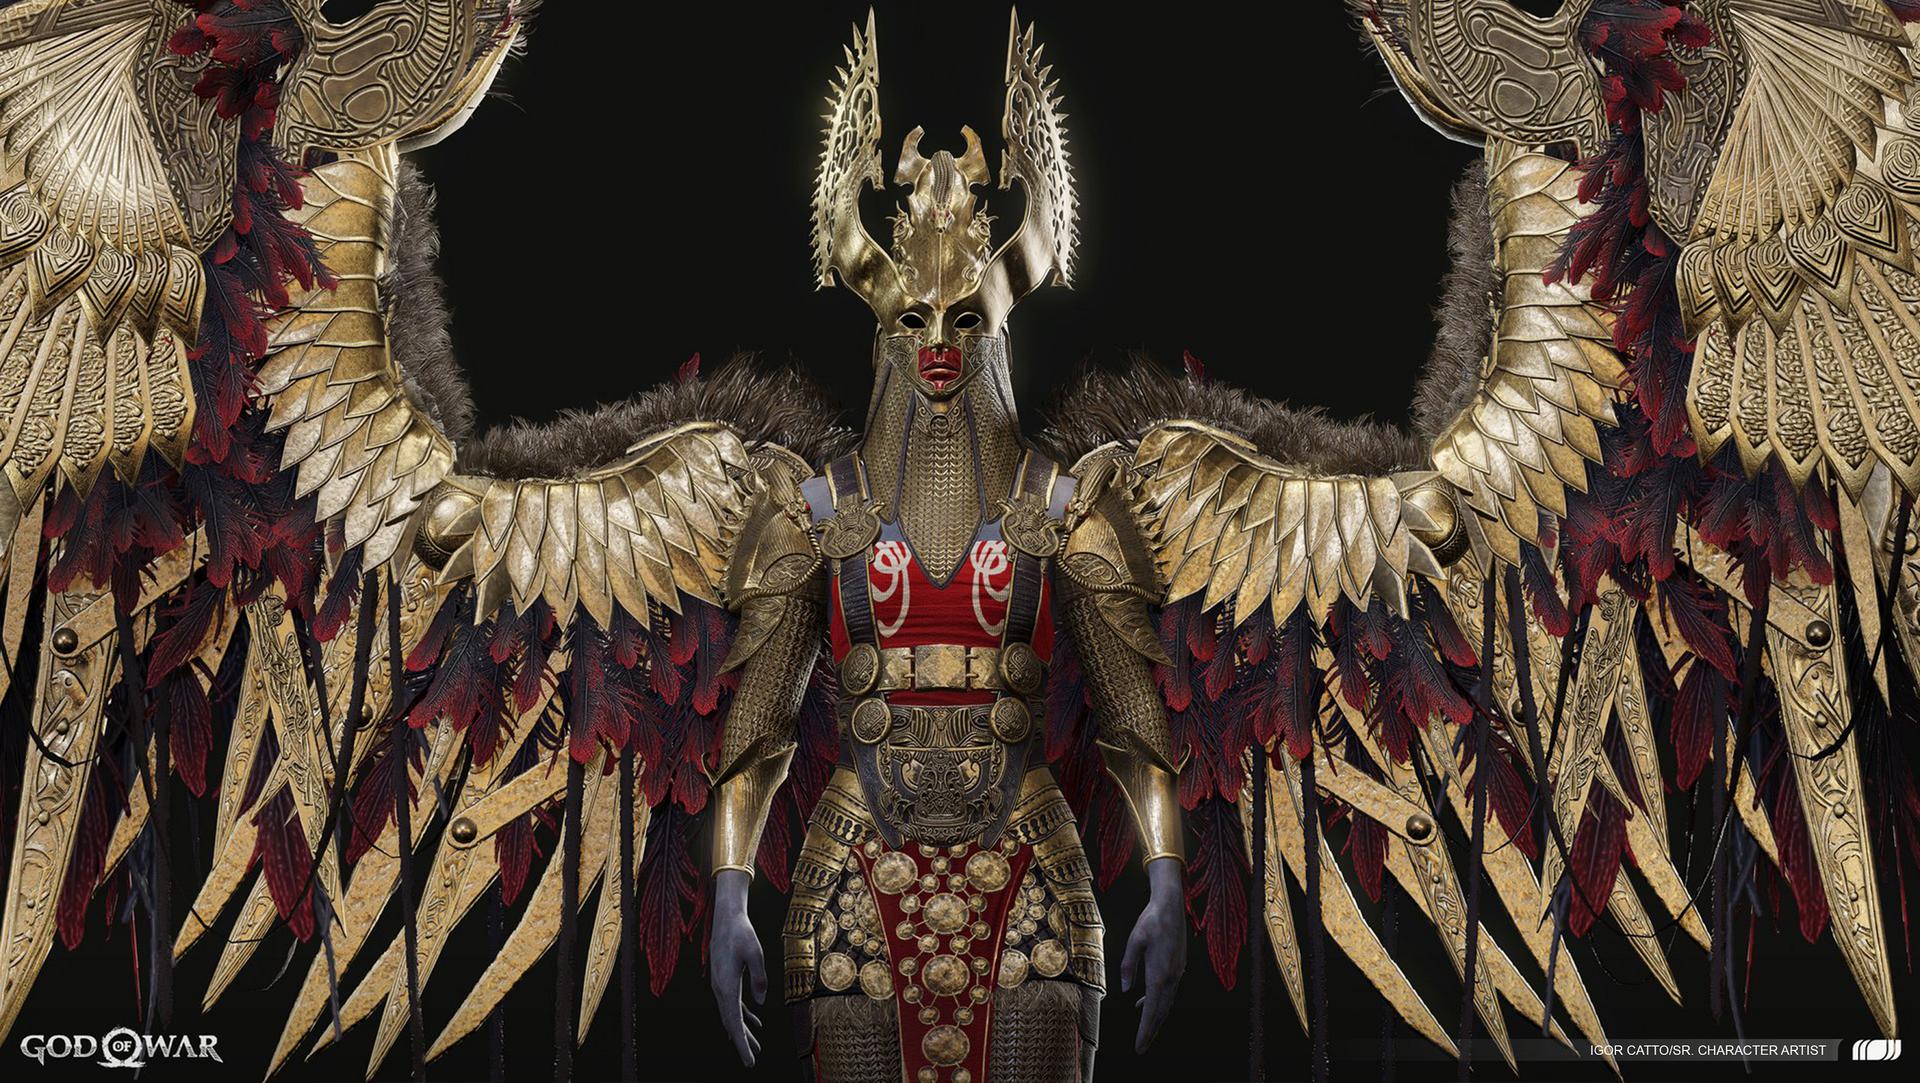 God of War – Valkyrie Queen